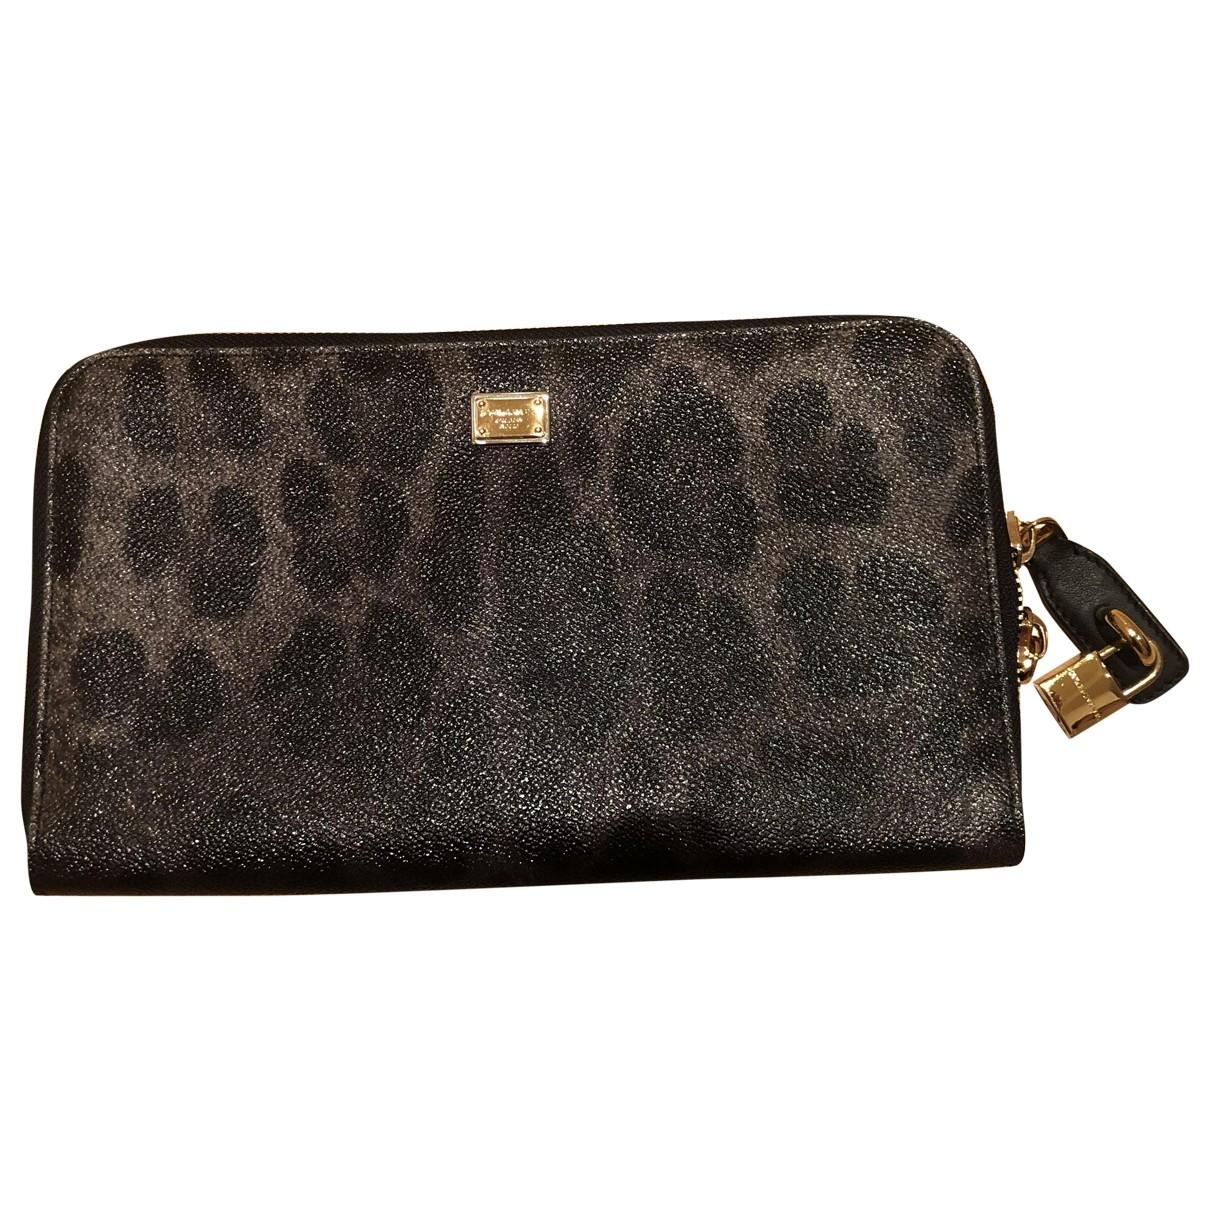 Dolce & Gabbana - Pochette   pour femme en cuir - anthracite